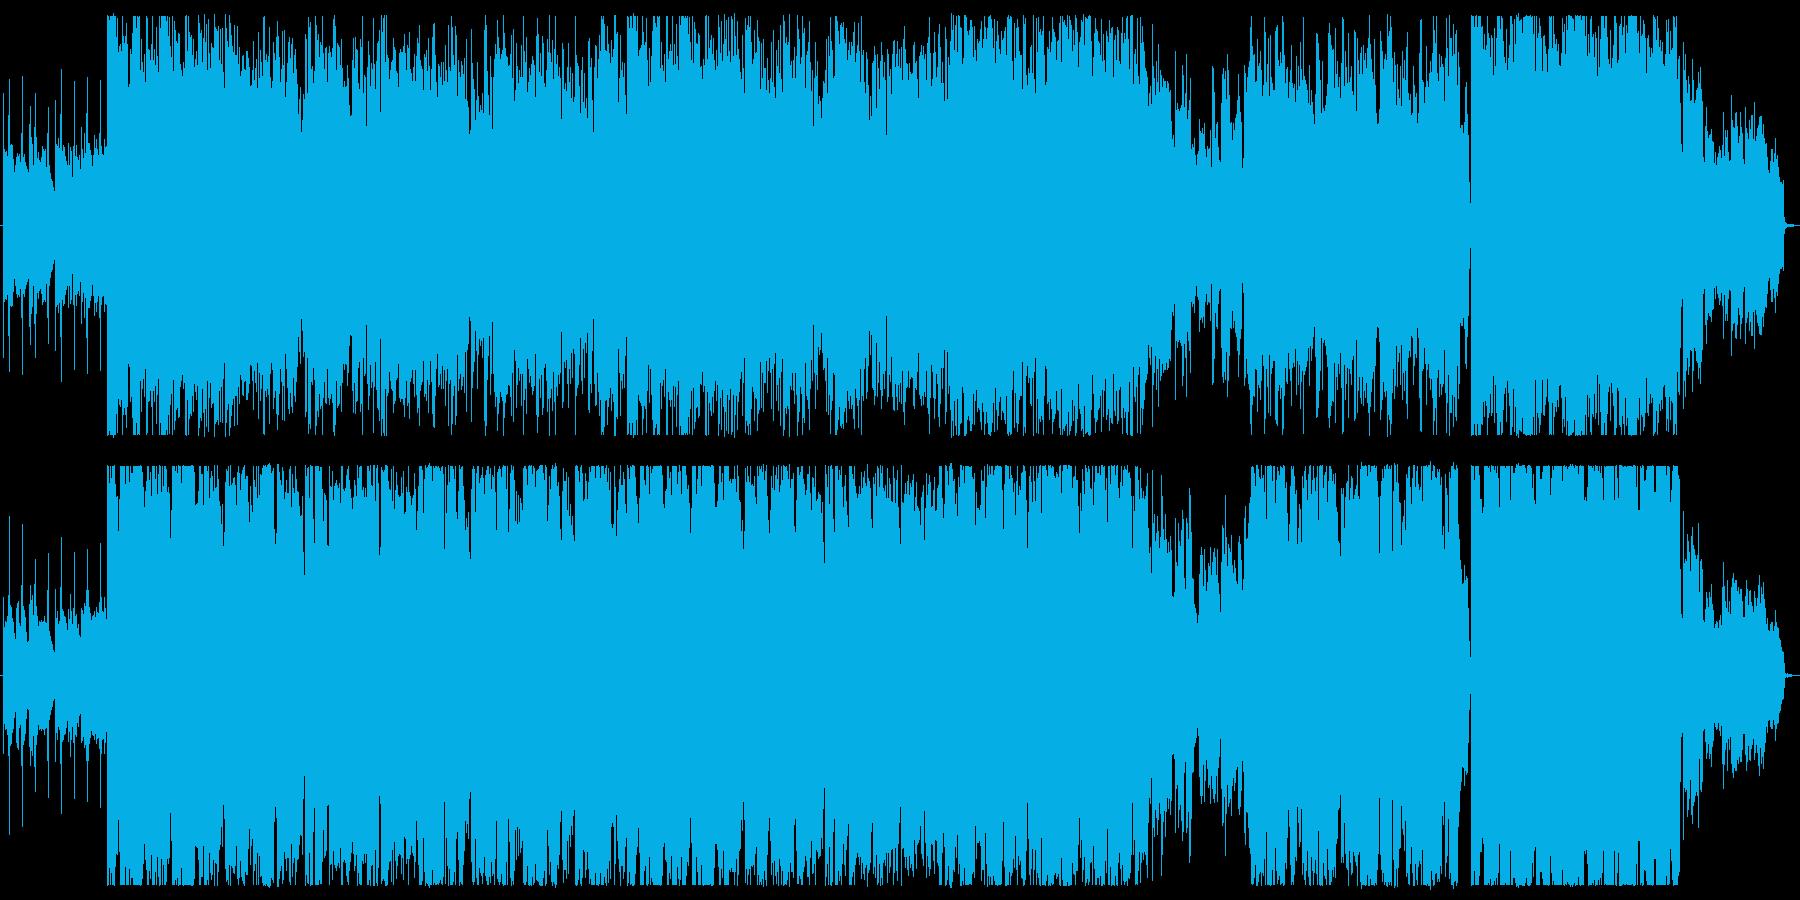 幻想的でおしゃれな雰囲気のバラードの再生済みの波形